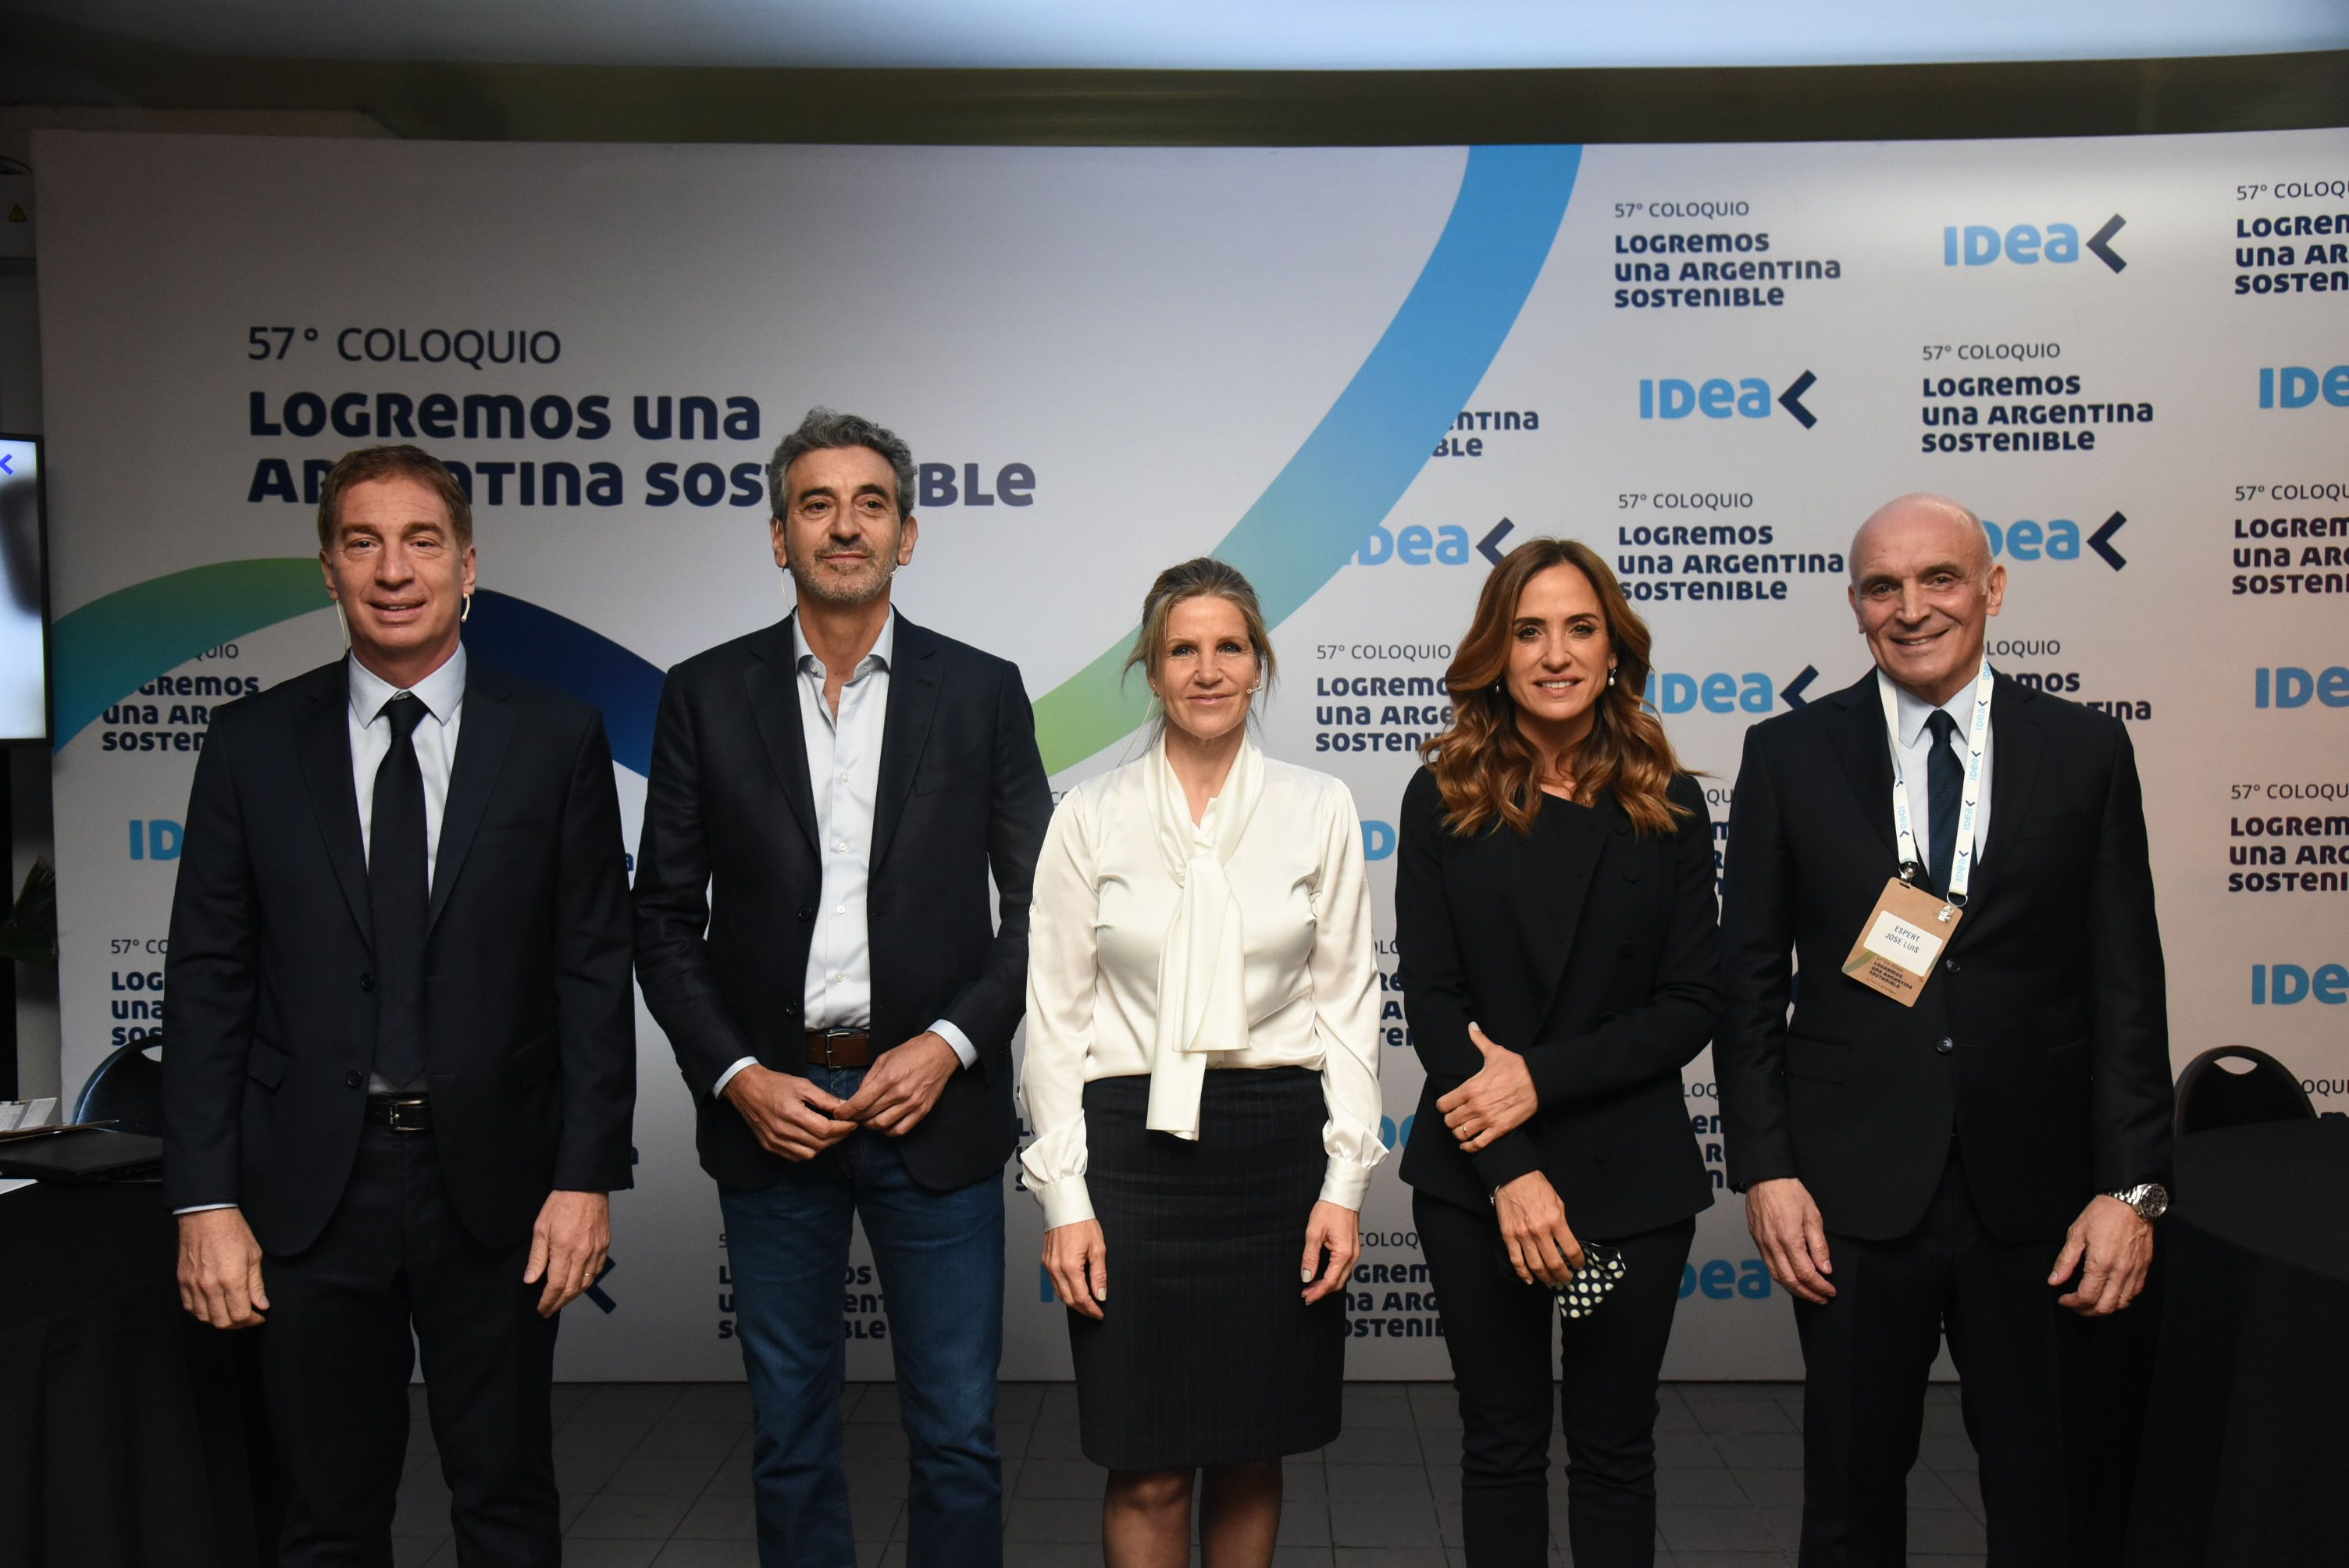 El debate de diputados por tv tendrá a estos cinco participantes y a Nicolás del Caño.